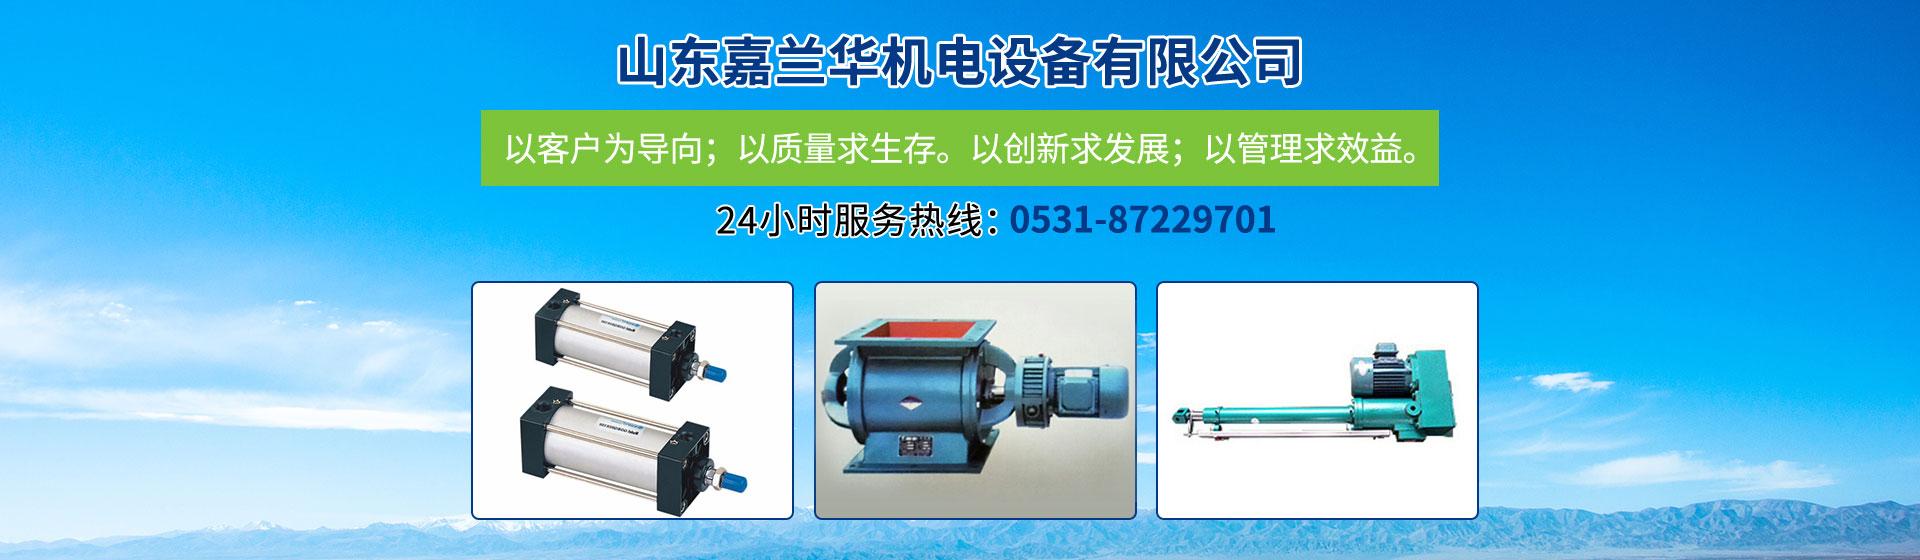 电液推杆生产厂家